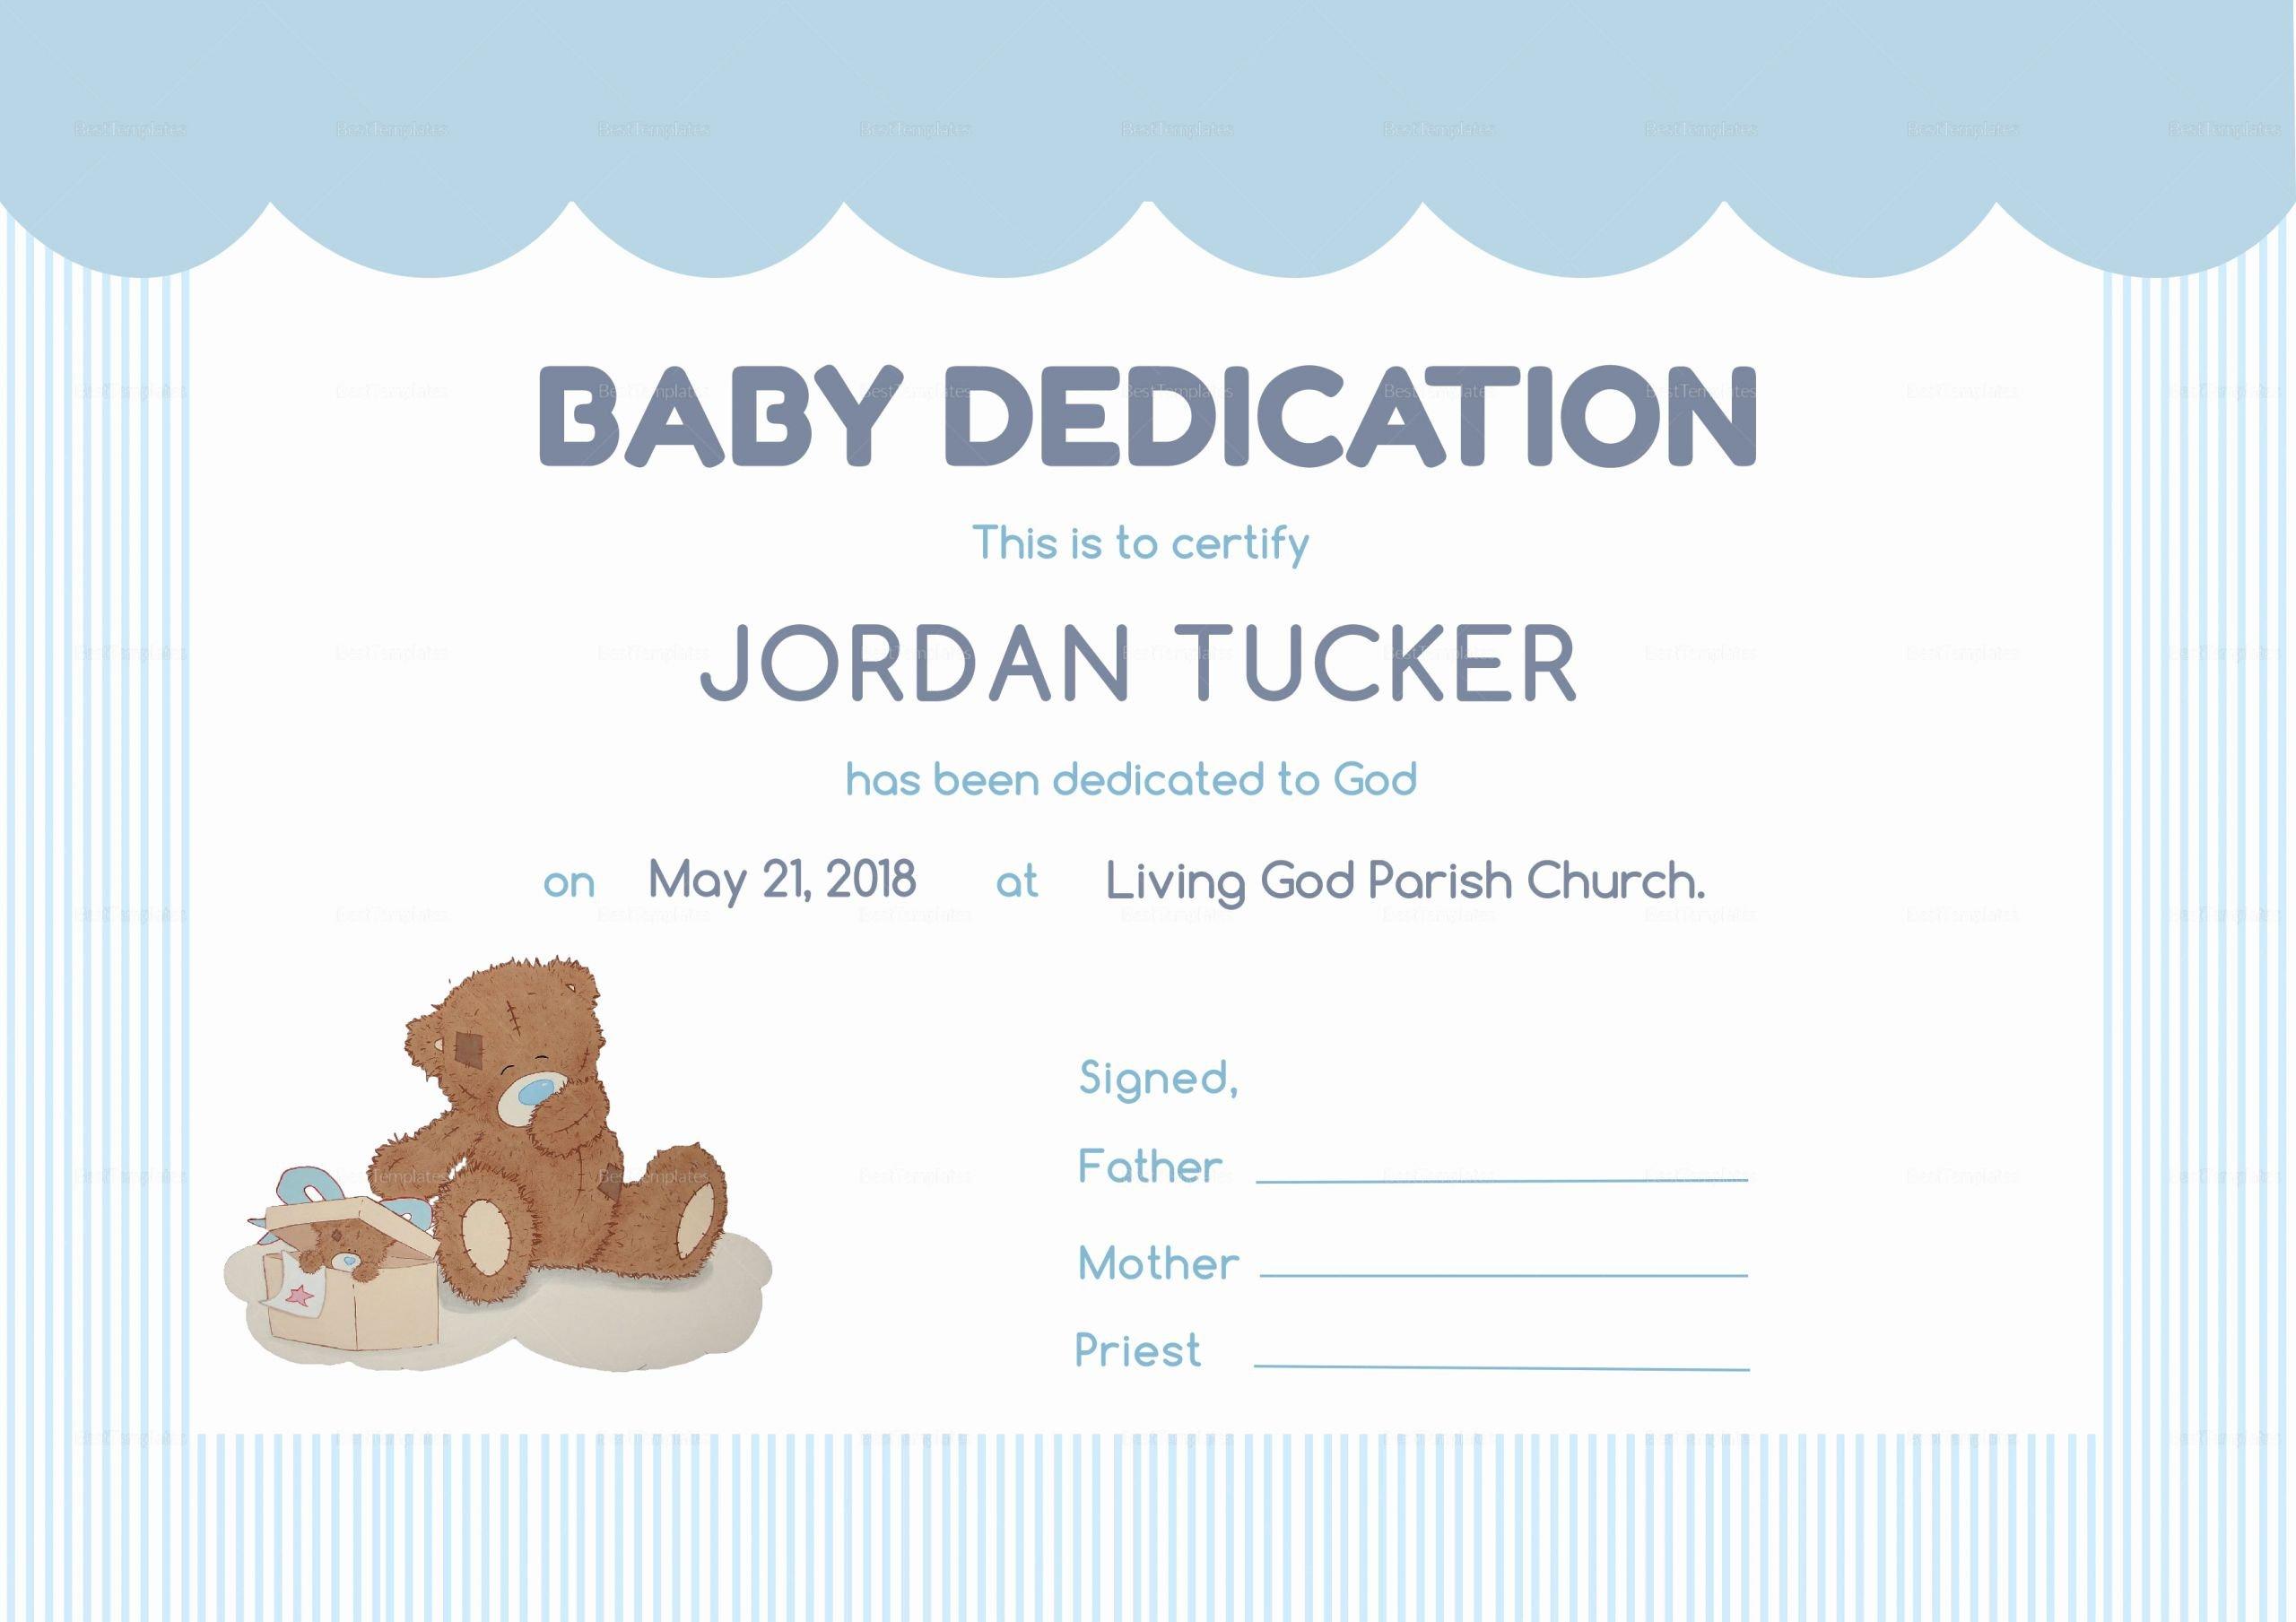 Baby Dedication Certificate Template Elegant Baby Dedication Certificate Design Template In Psd Word